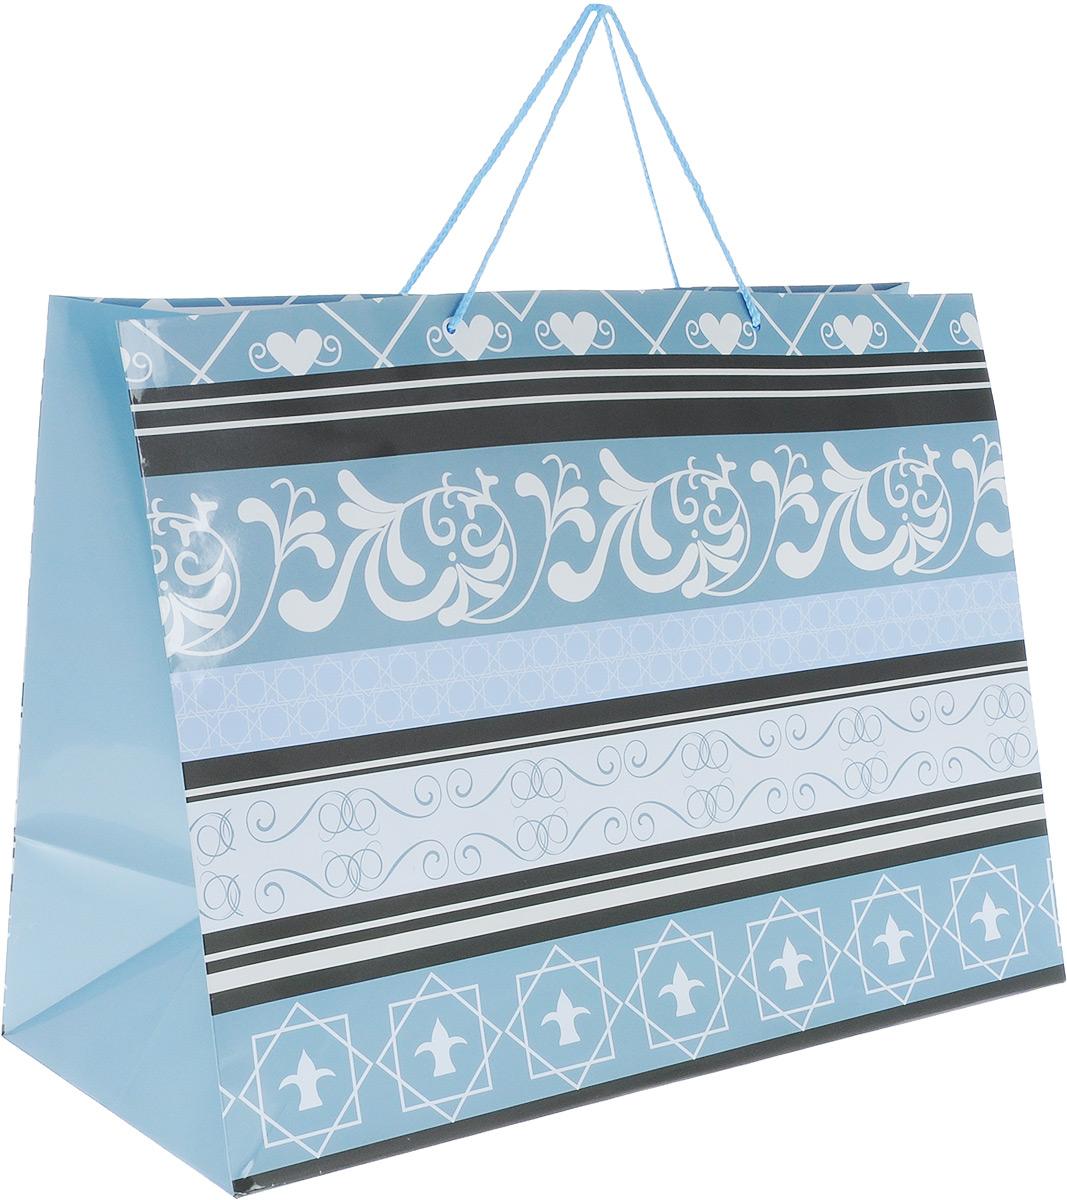 Пакет подарочный МегаМАГ Mix. Узоры, 56 х 41 х 24 см. 924/925 XXLHC0038550Подарочный пакет МегаМАГ Mix. Узоры, изготовленный из плотной ламинированной бумаги, станет незаменимым дополнением к выбранному подарку. Для удобной переноски на пакете имеются ручки-шнурки.Подарок, преподнесенный в оригинальной упаковке, всегда будет самым эффектным и запоминающимся. Окружите близких людей вниманием и заботой, вручив презент в нарядном, праздничном оформлении.